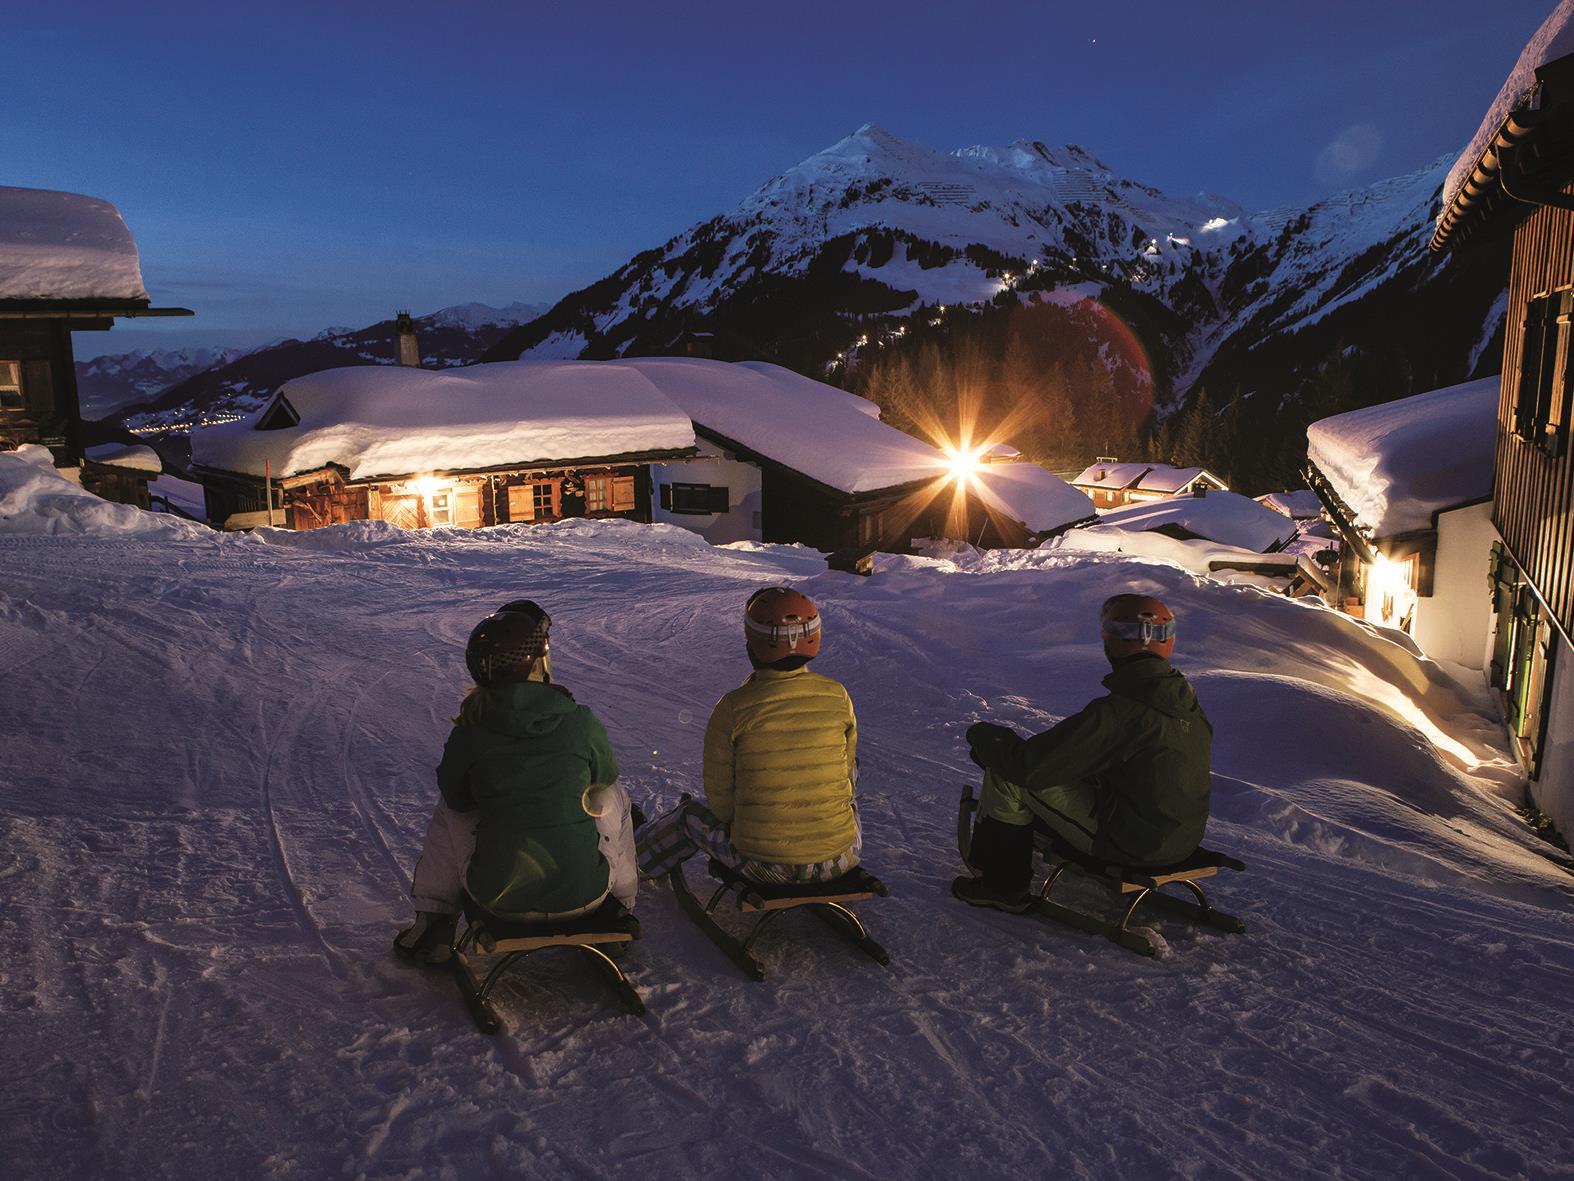 Auf der längsten beleuchteten Nachtrodelbahn Vorarlbergs geht es von Garfrescha ins Tal.